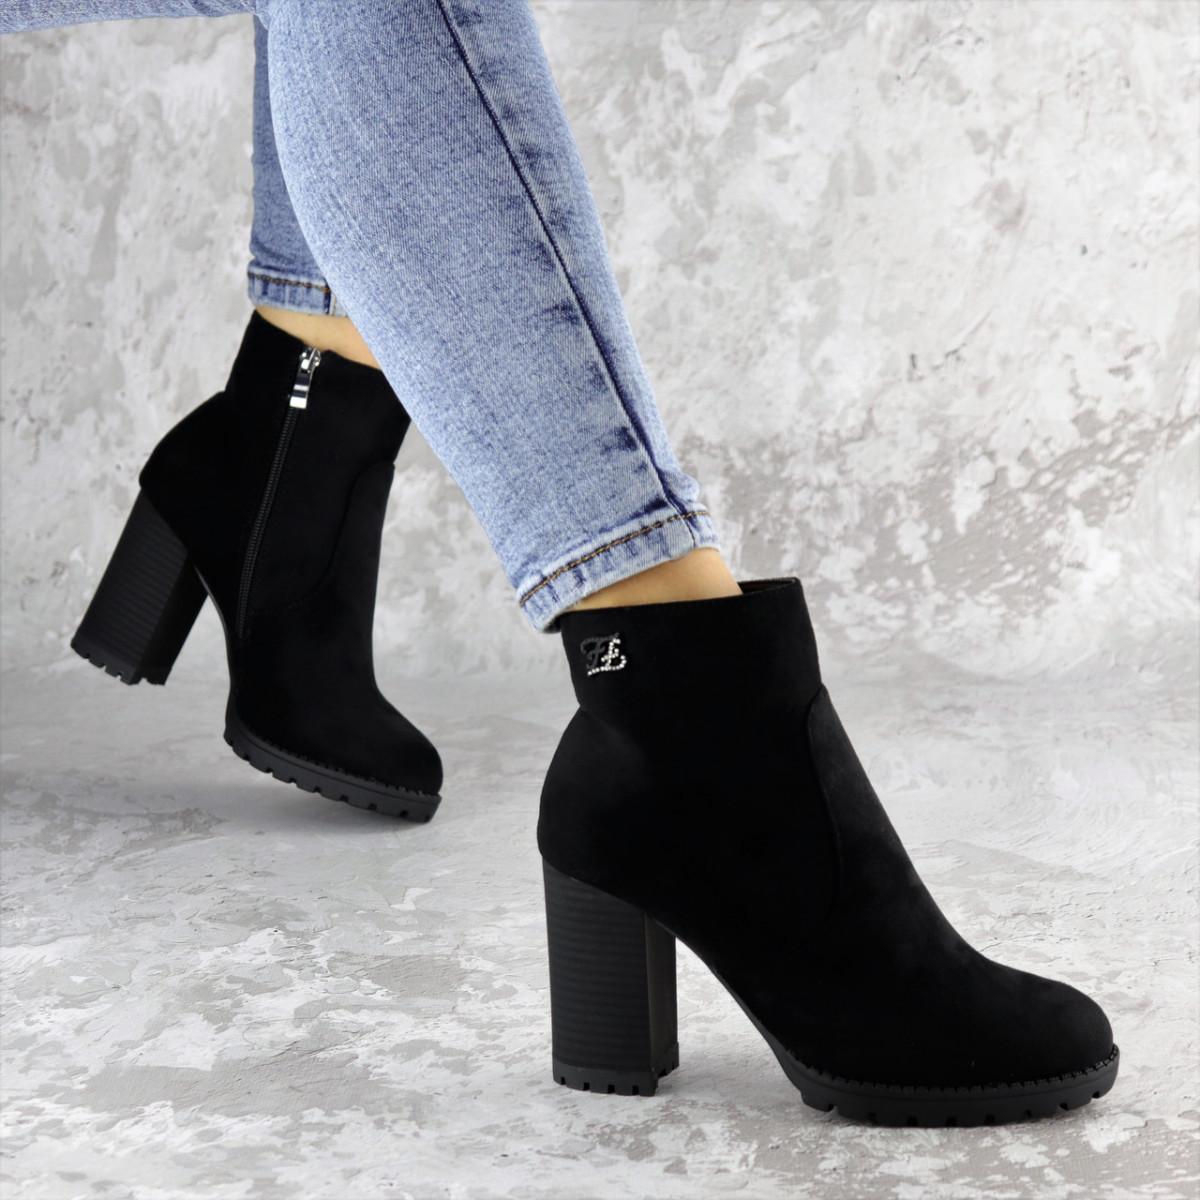 Ботинки женские черные Skid 2232 (36 размер)